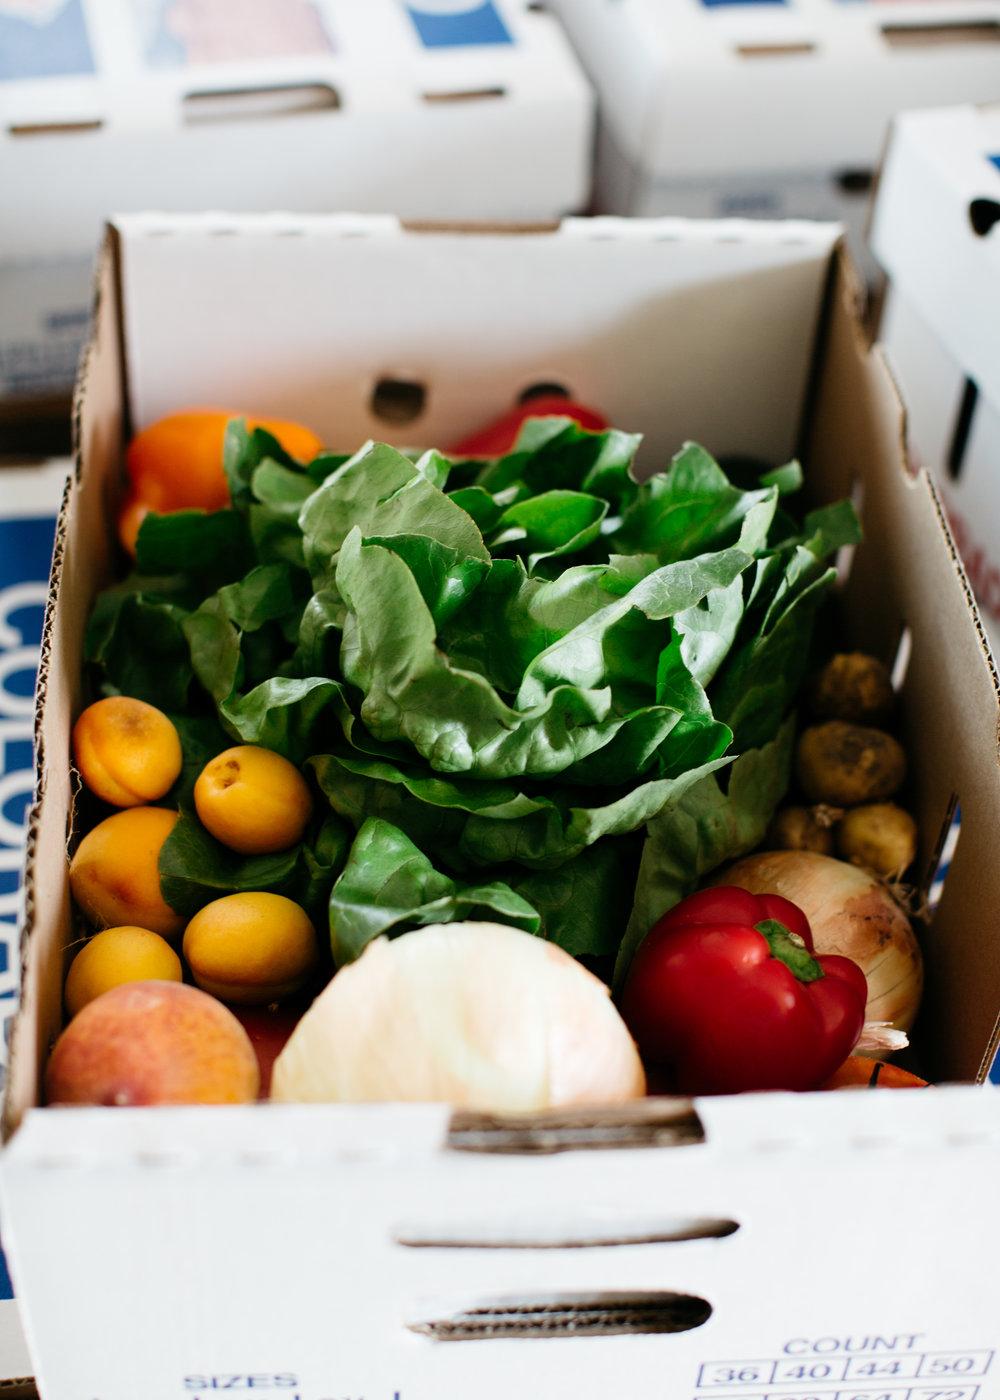 colorado-springs-produce-delivery-6.jpg